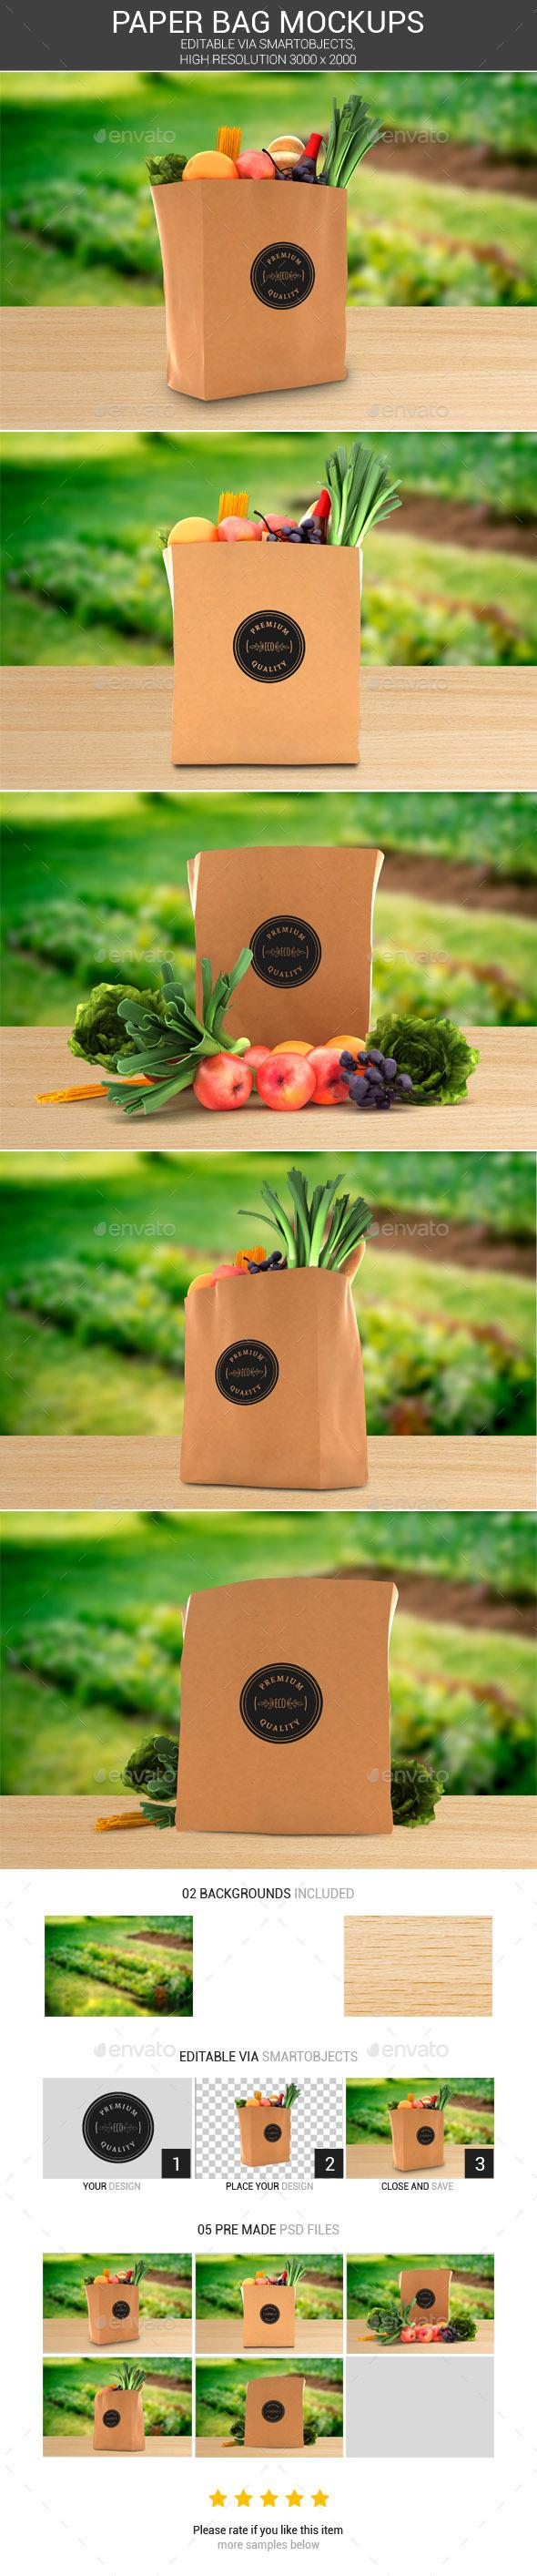 Grocery Paper Bag Logo Mockups - Logo Product Mock-Ups